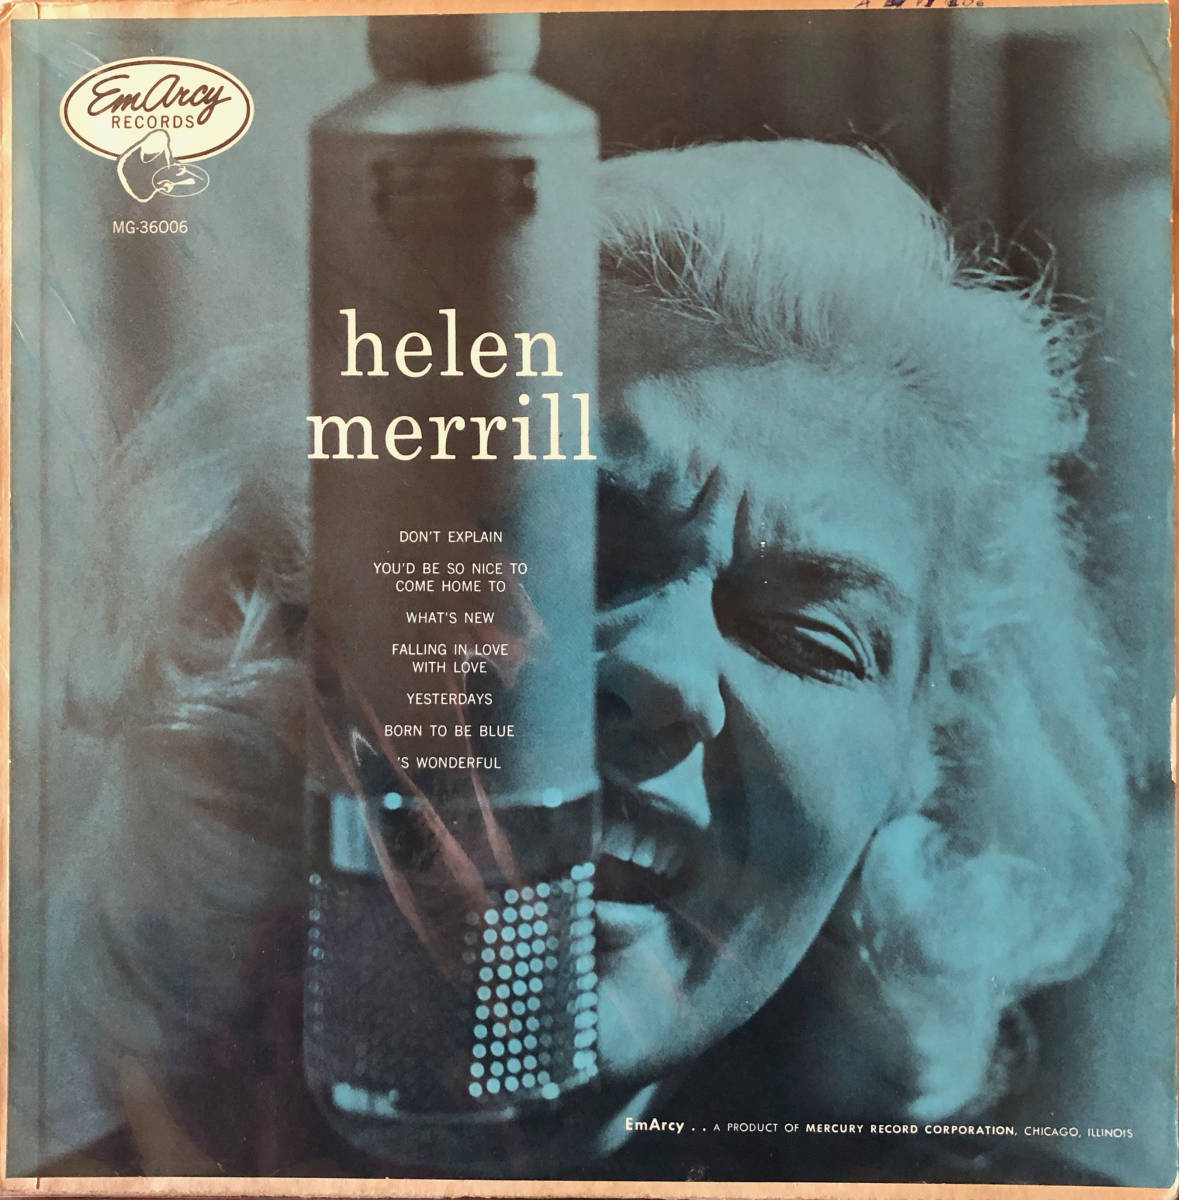 {終活}Helen Merrill / EmArcy MG36006 / 完オリ、青バック、銀冠、大ドラマー、盤美盤